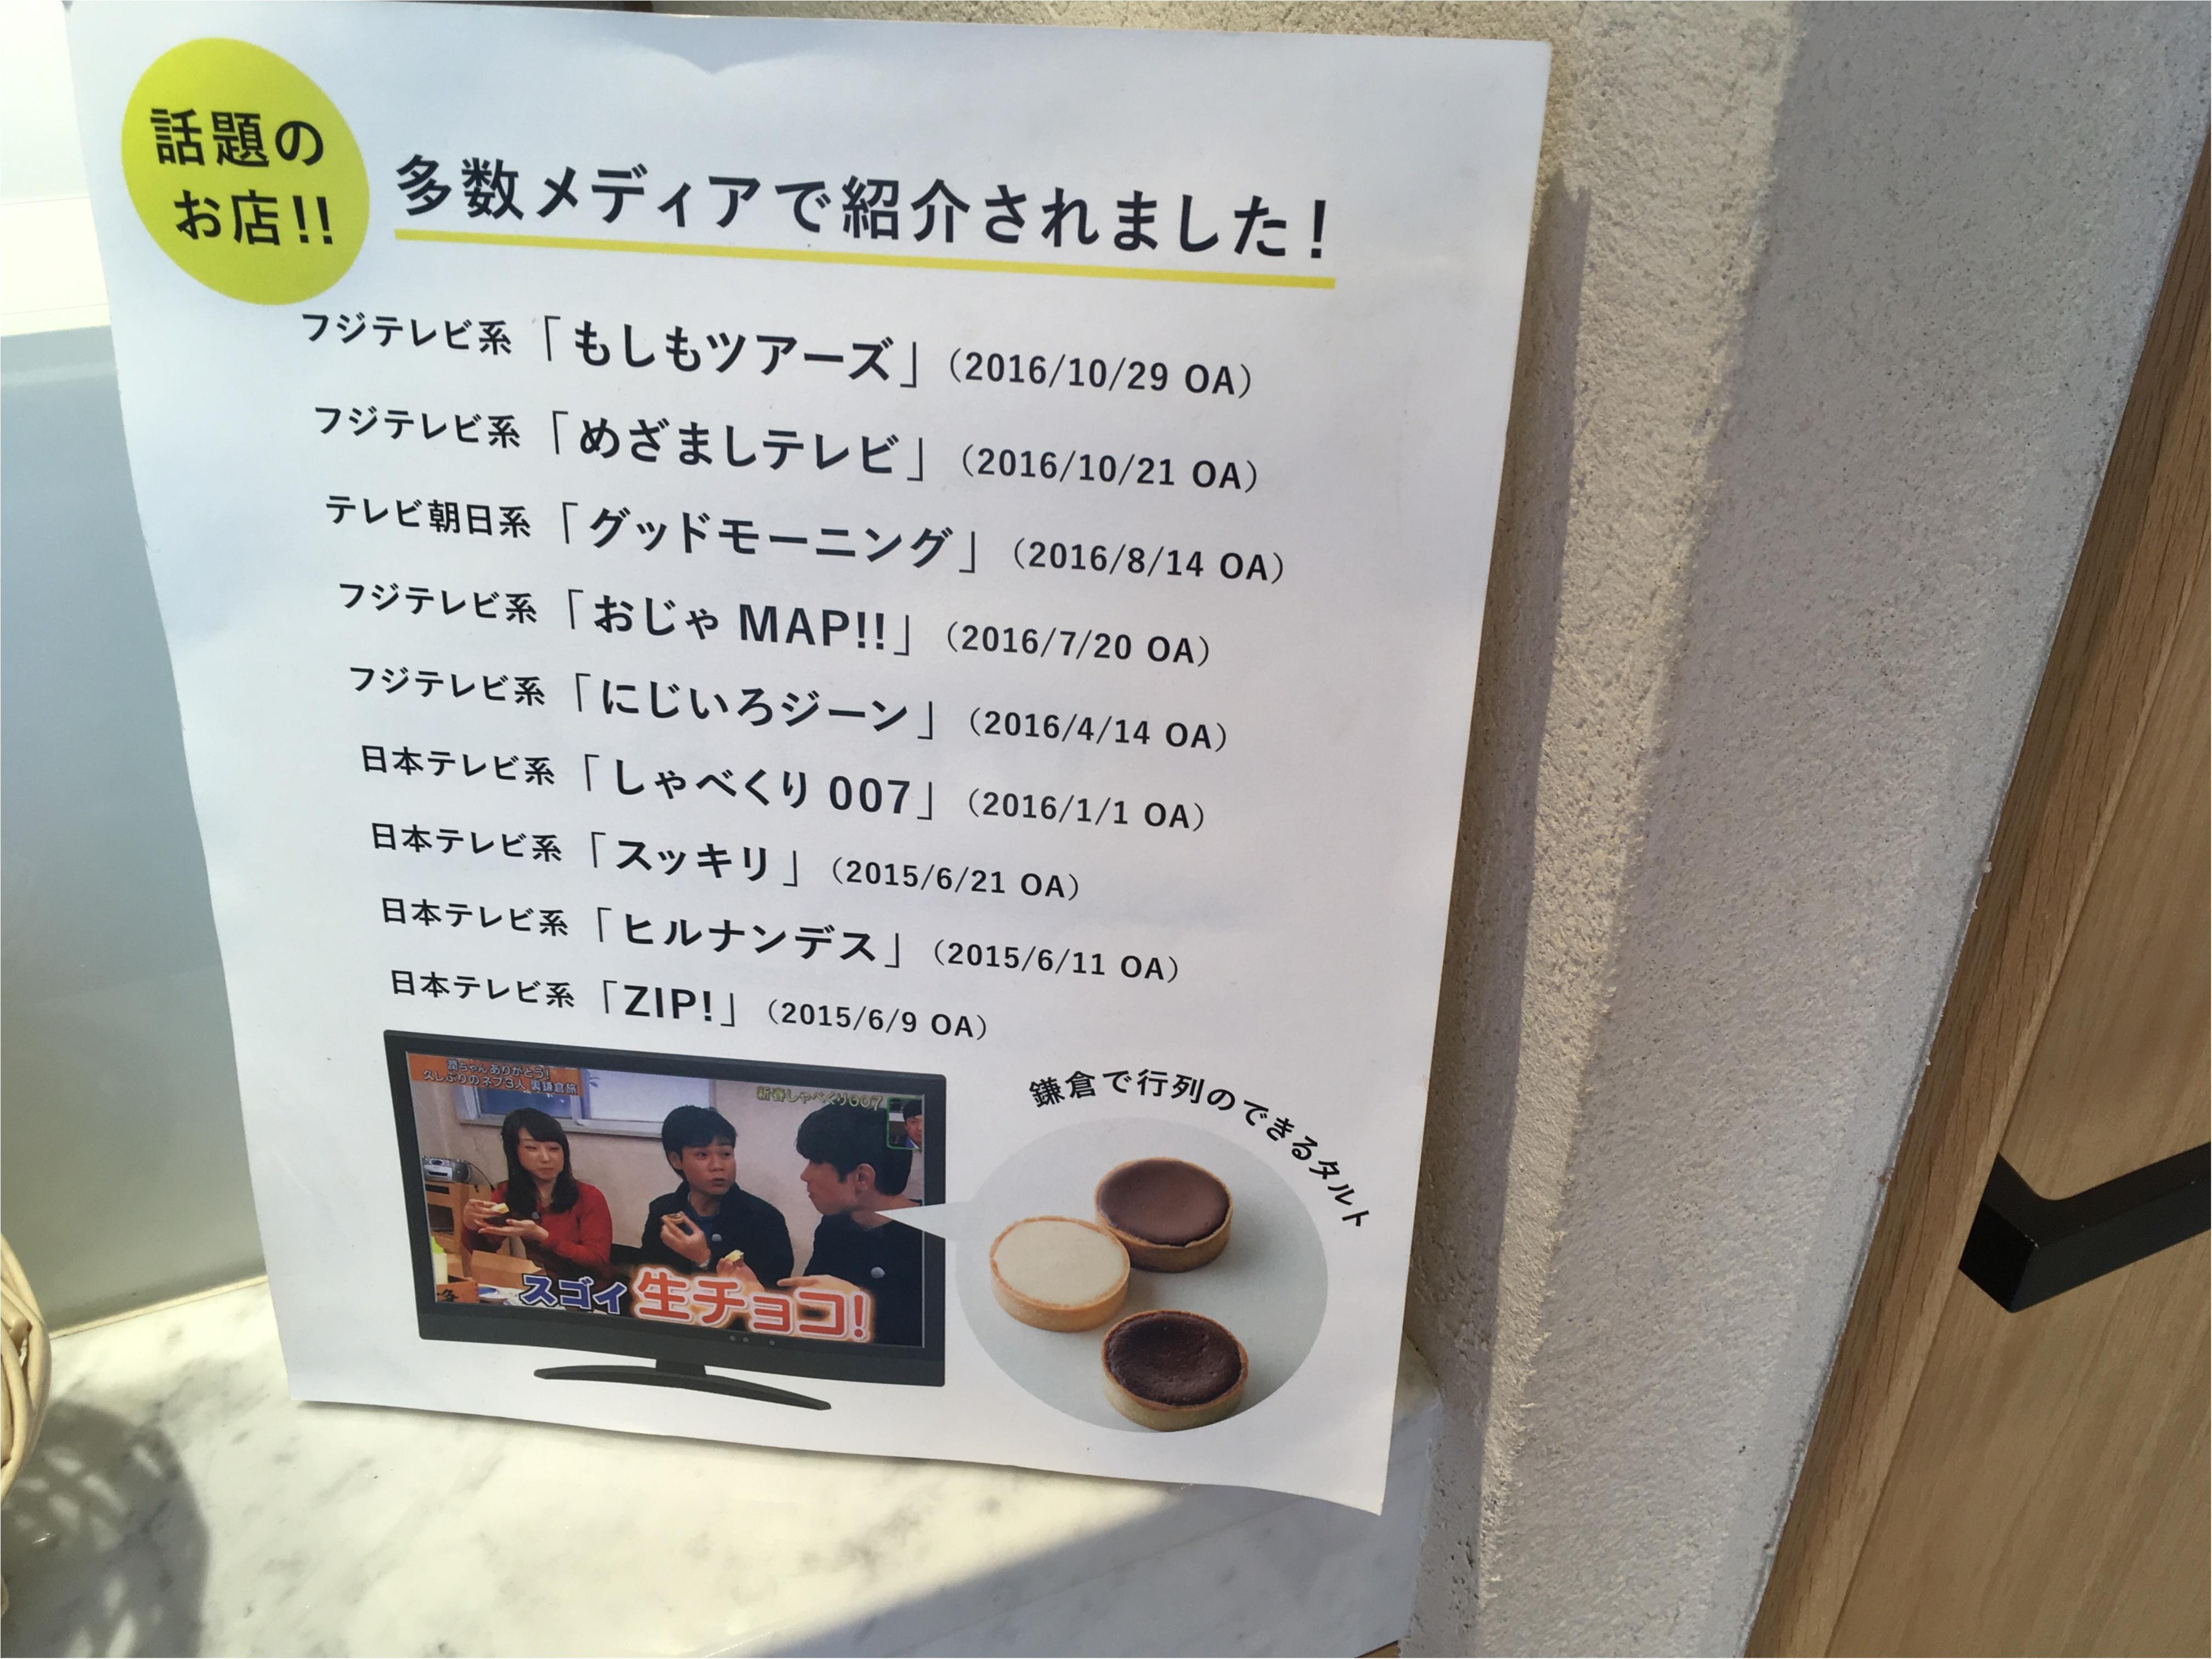 チョコ好き必見!!メディアでも話題の鎌倉✰新宿で食べれちゃうとろける生チョコ✰生チョコ専門店って知ってる?_3